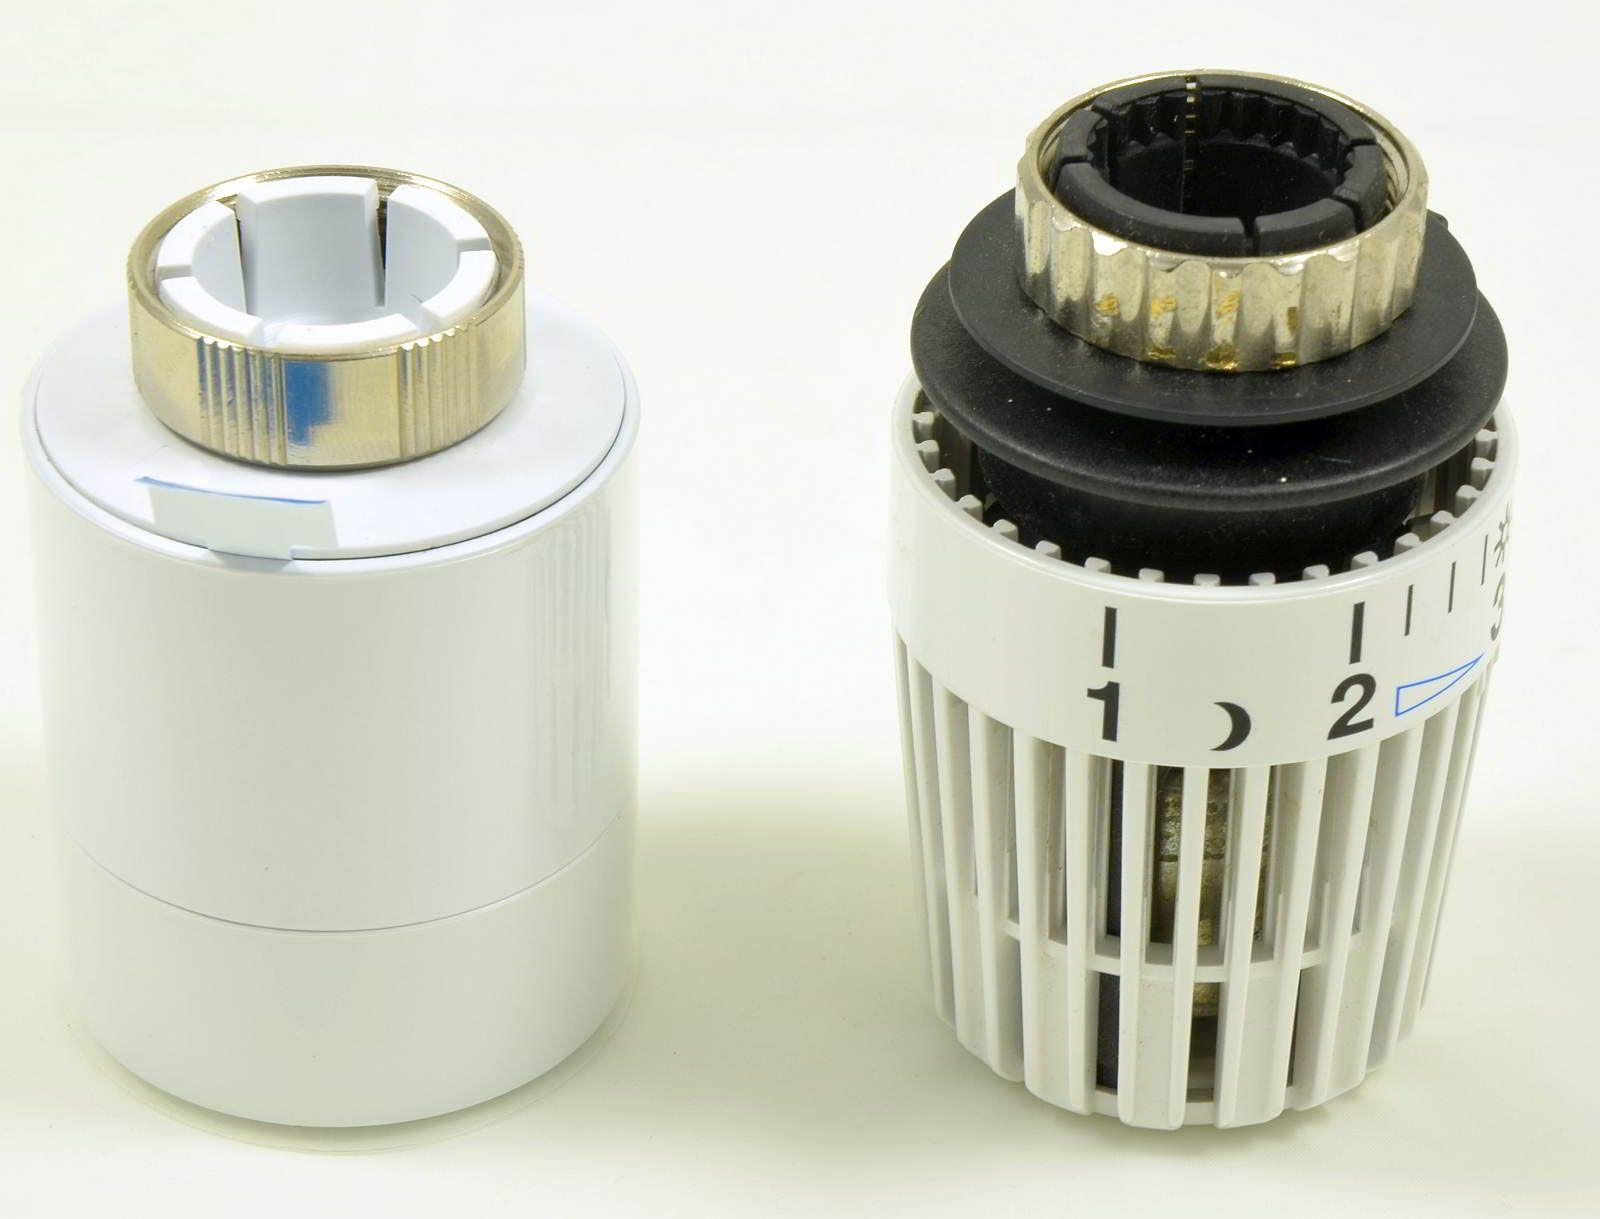 Alte Heizkörper zum vergleich links der etwas kleinere tado heizkörper thermostat